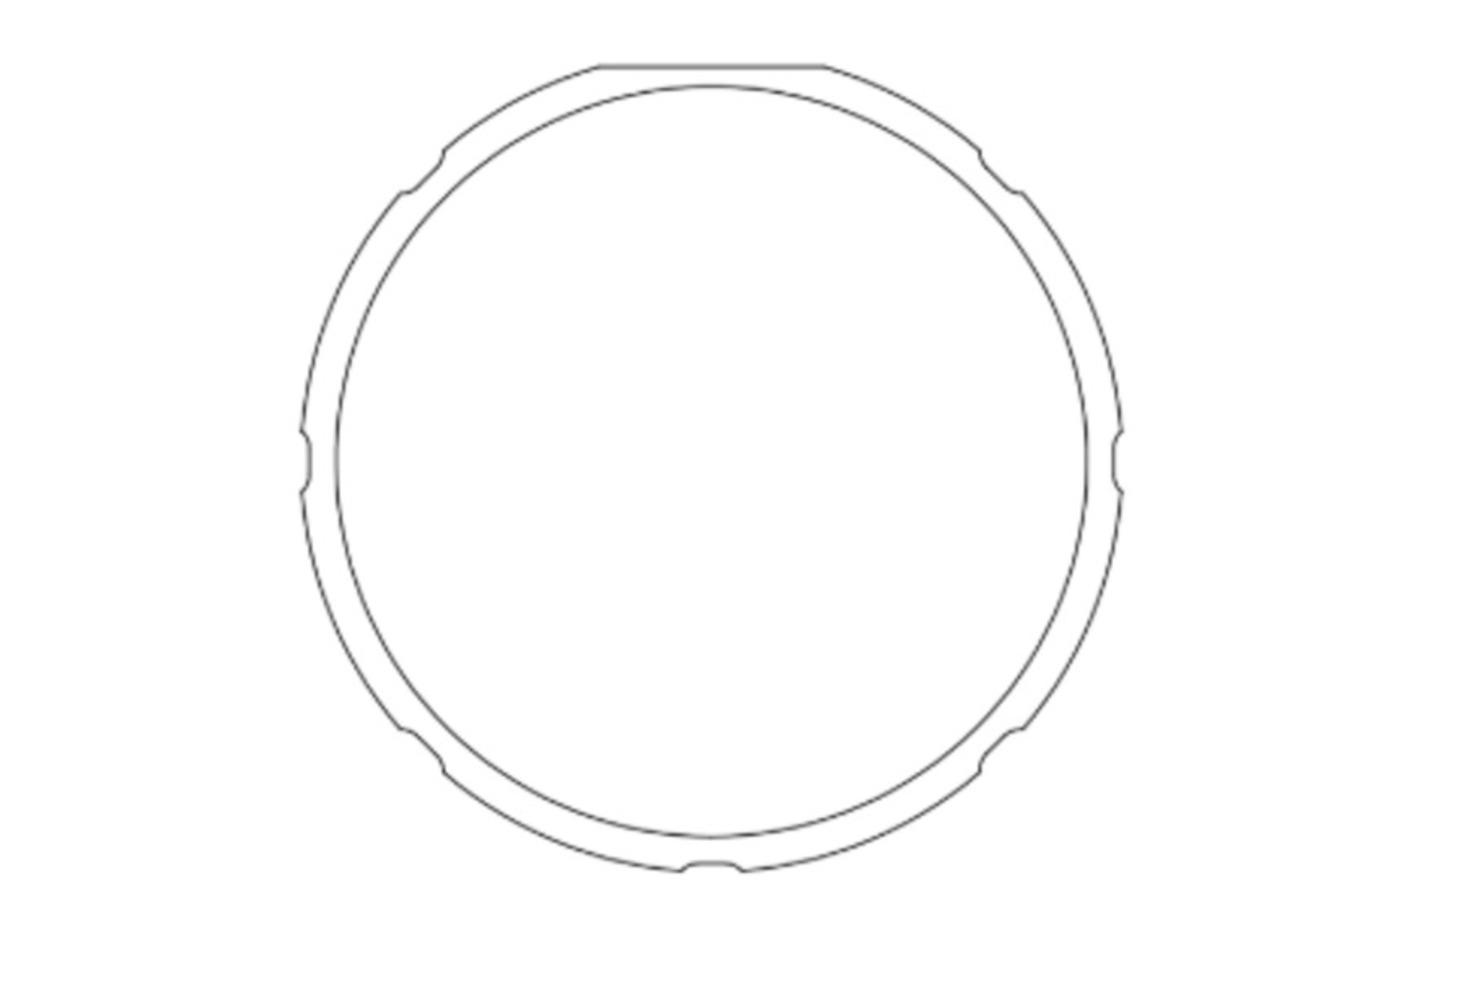 Circle.png.thumb